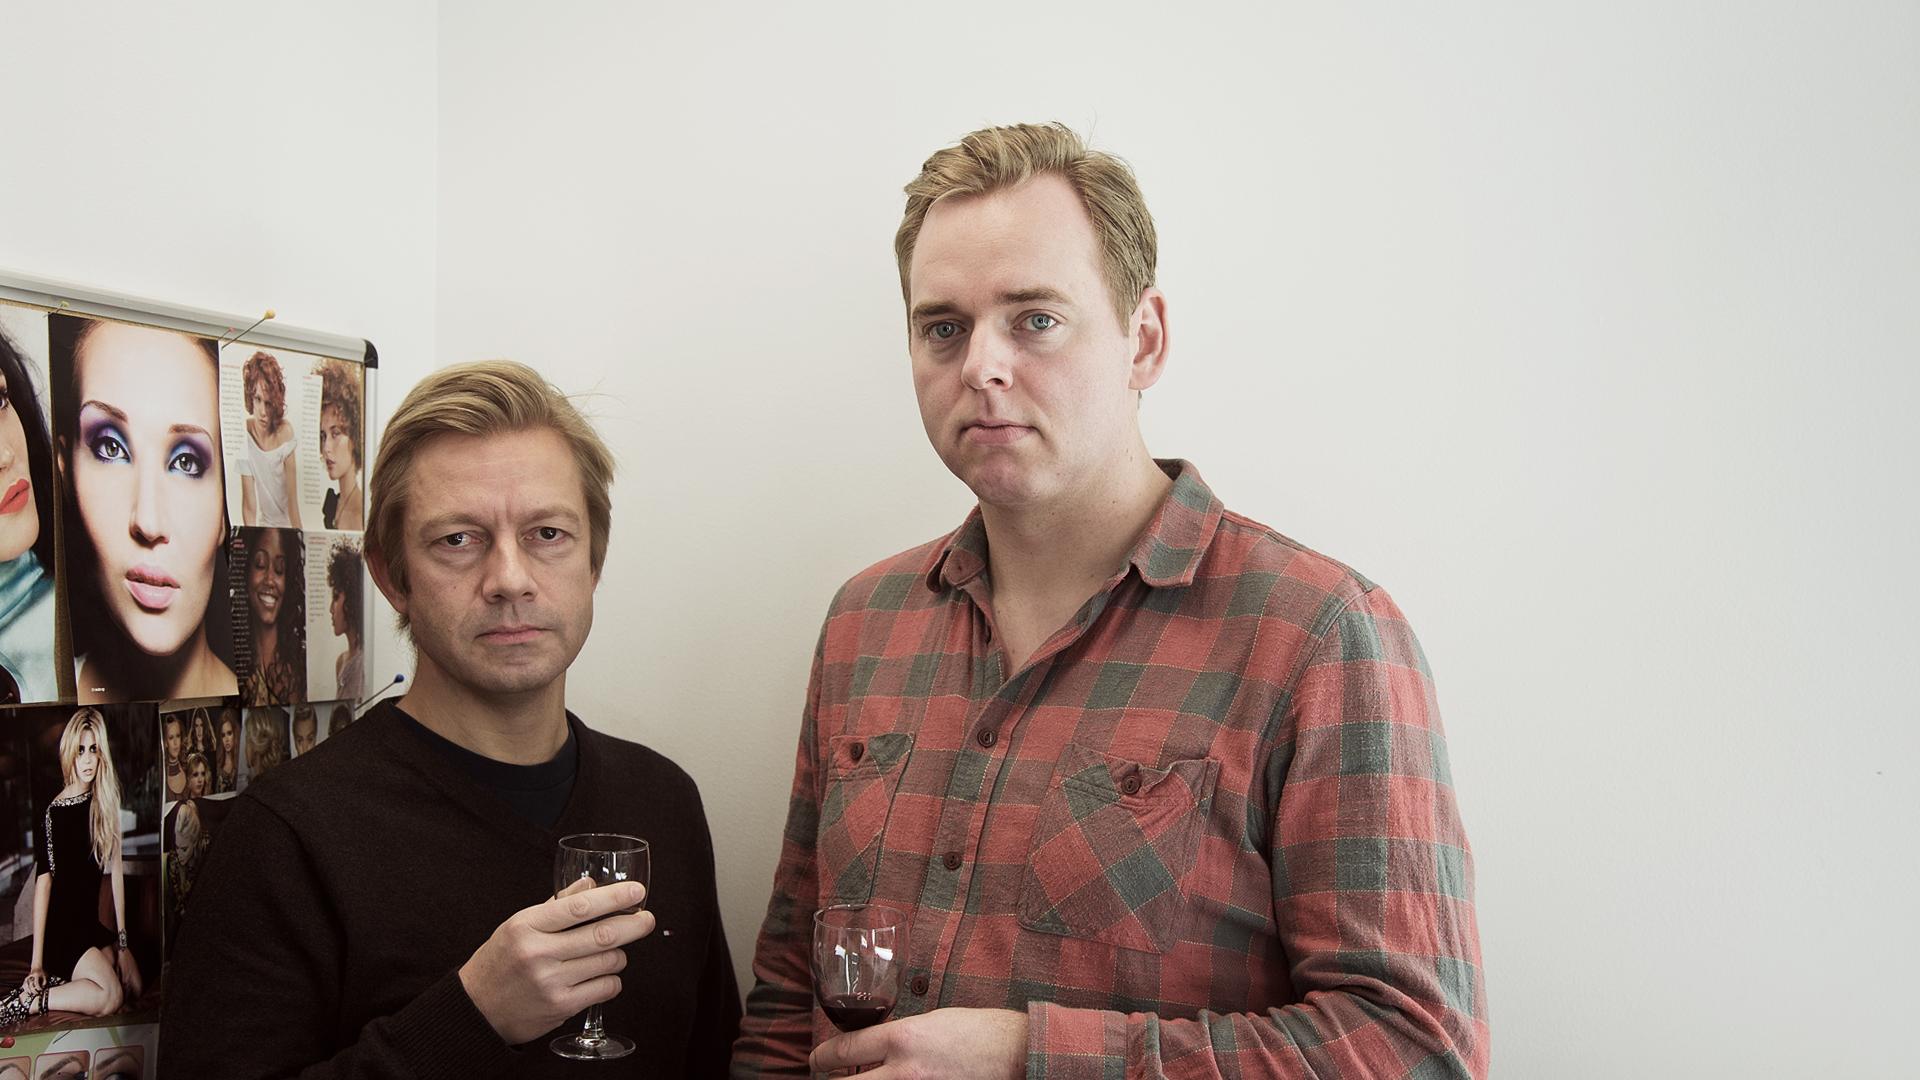 Tore og Bjartes skjeggkonkurranse er over (Foto: Jonas Bødtker, NRK P3).